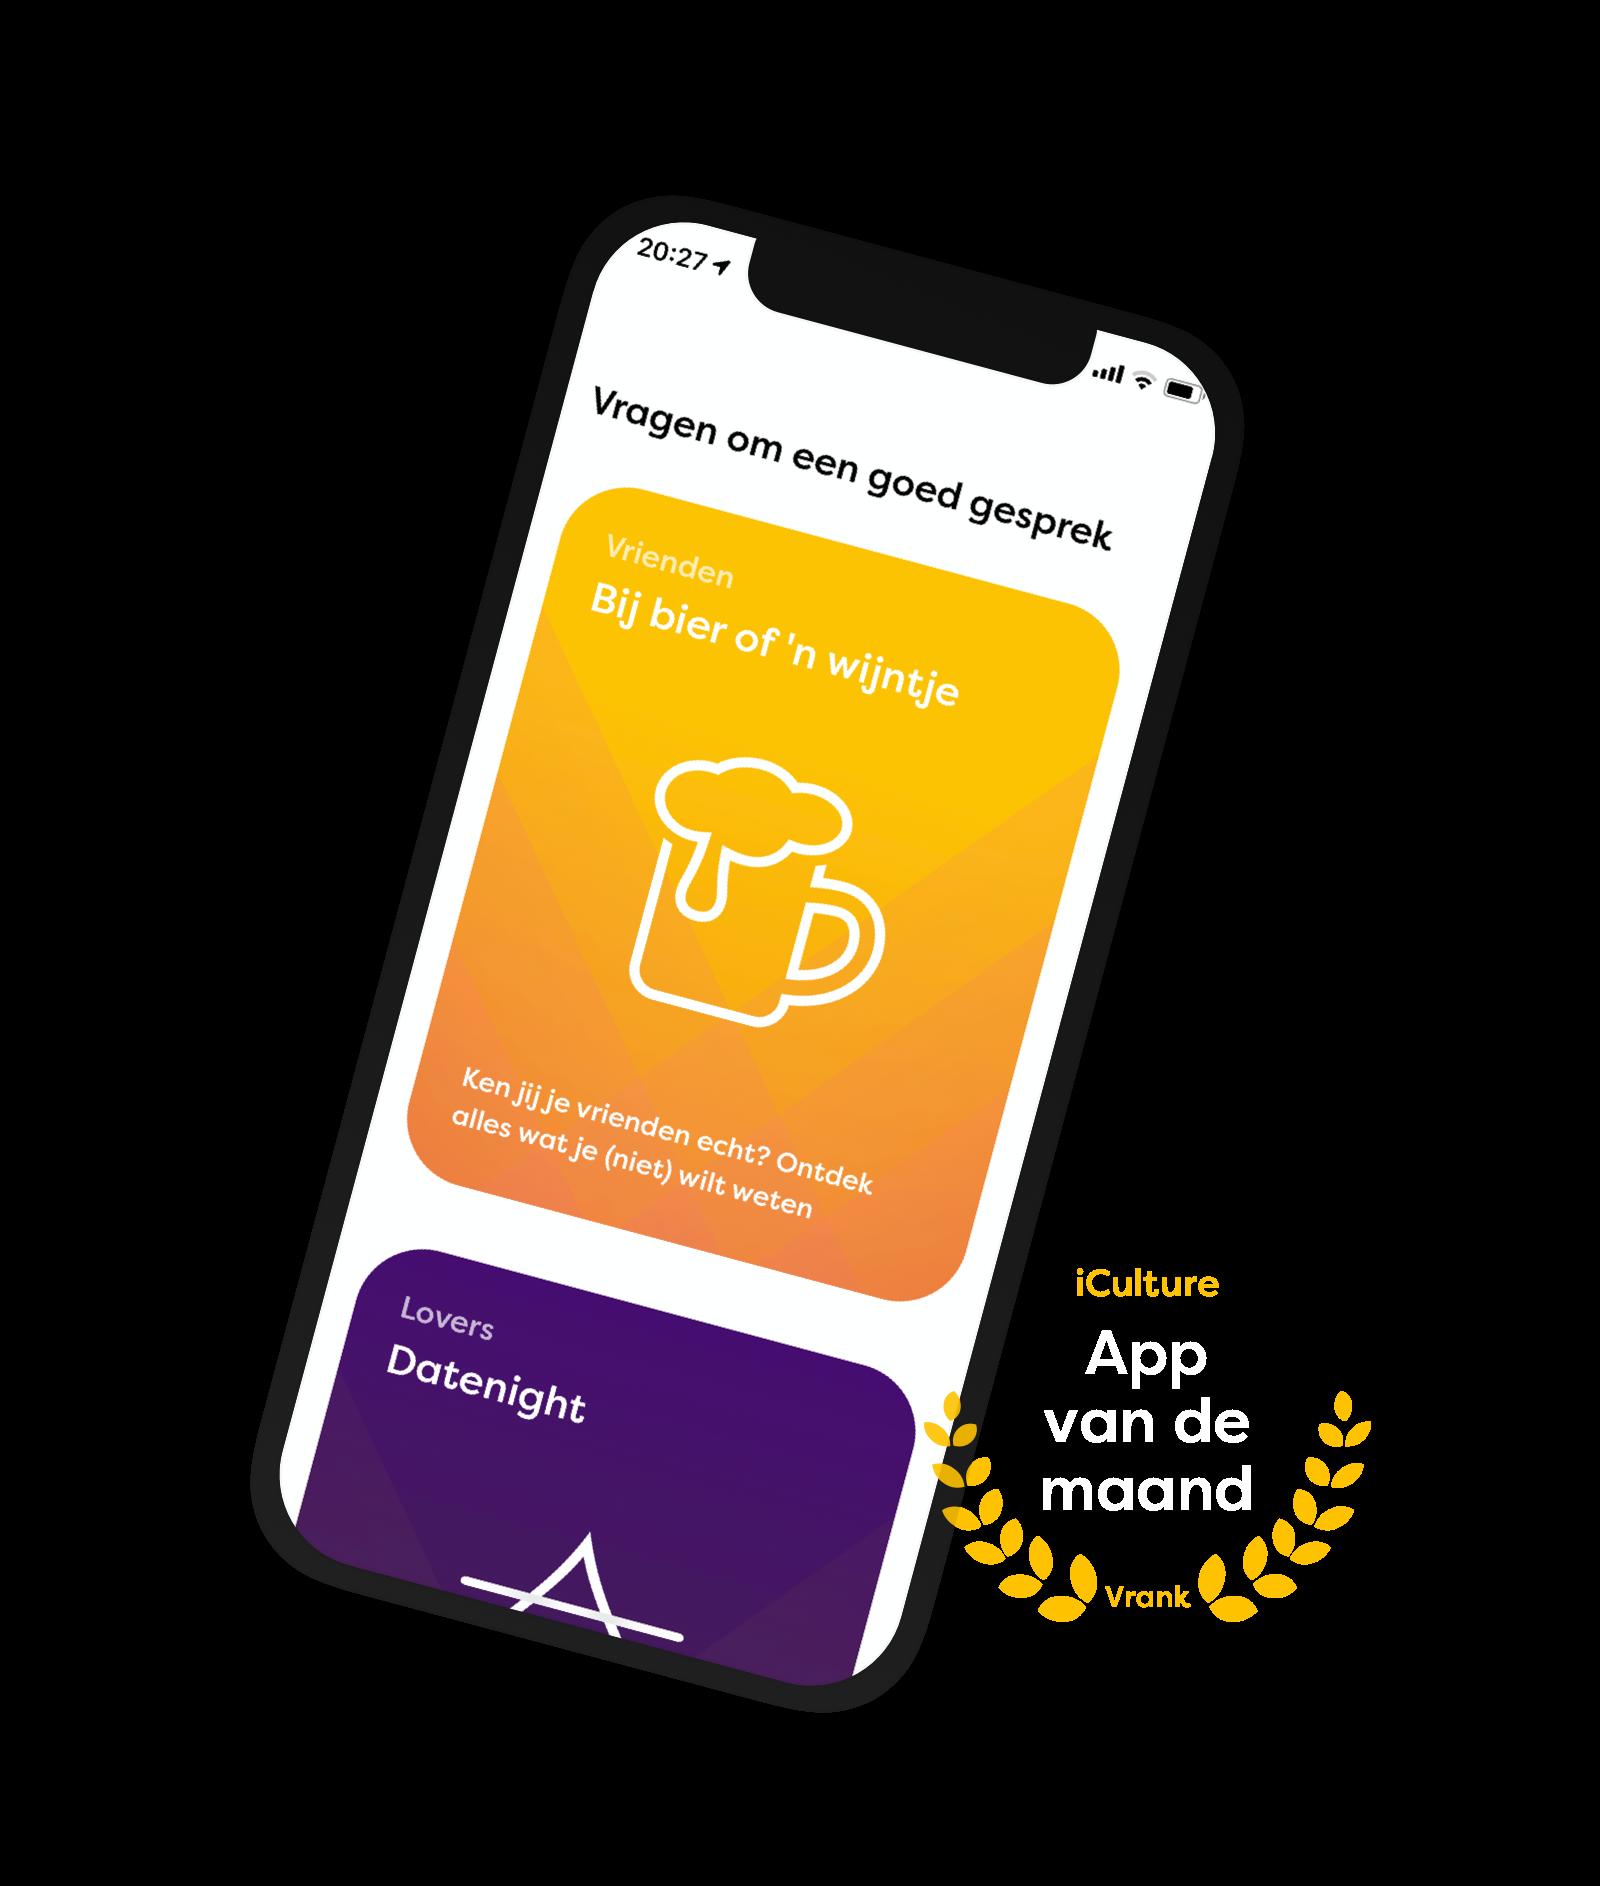 iPhone met Vrank: app van de maand iCulture